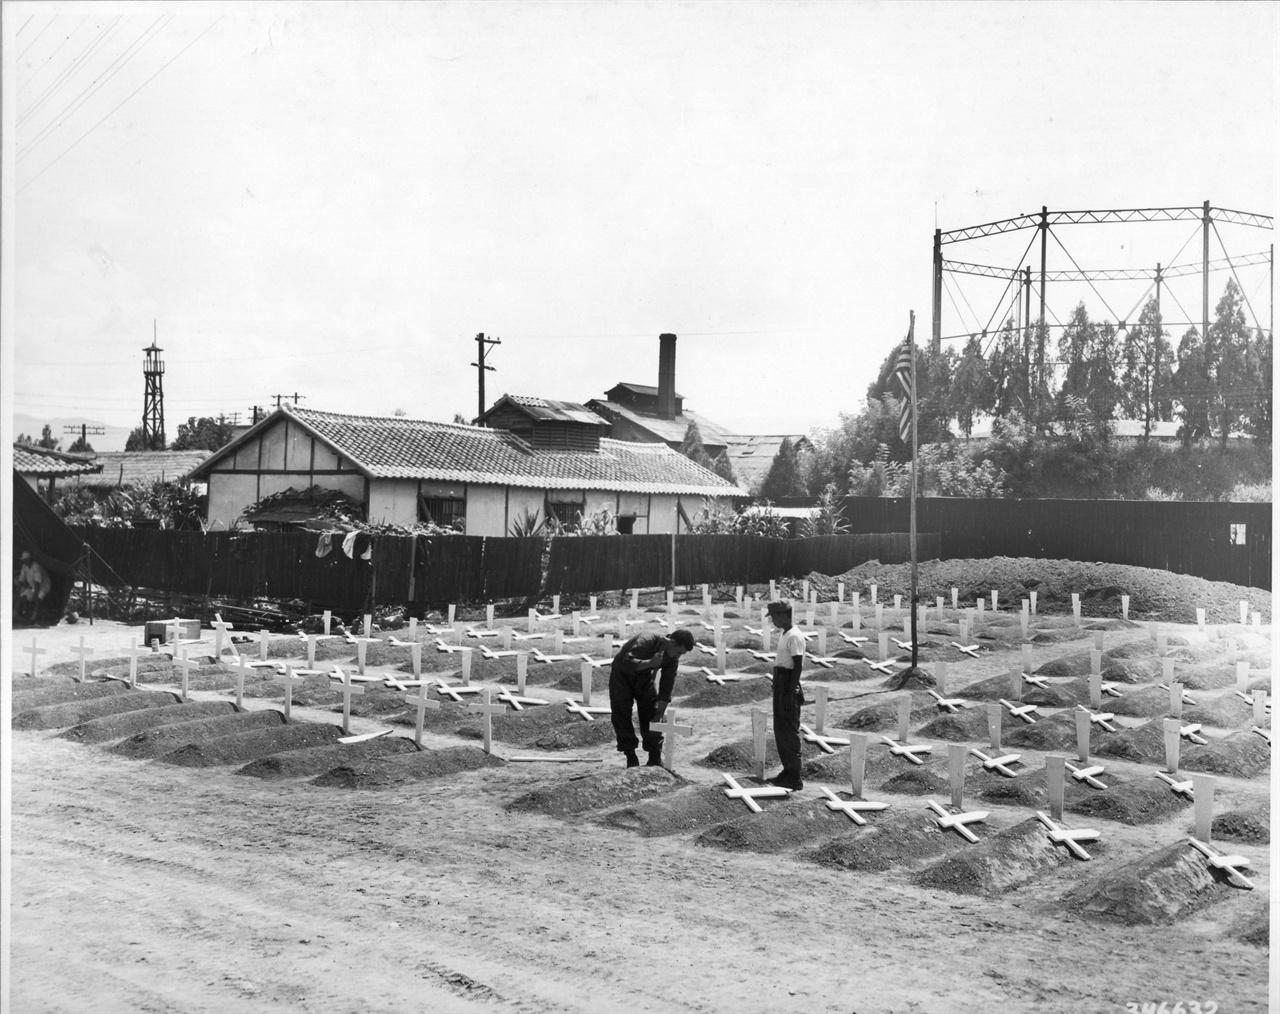 10. 대구, 임시로 유엔군 묘지를 마련하여 십자가를 세우고 있다(1950. 8. 25.).